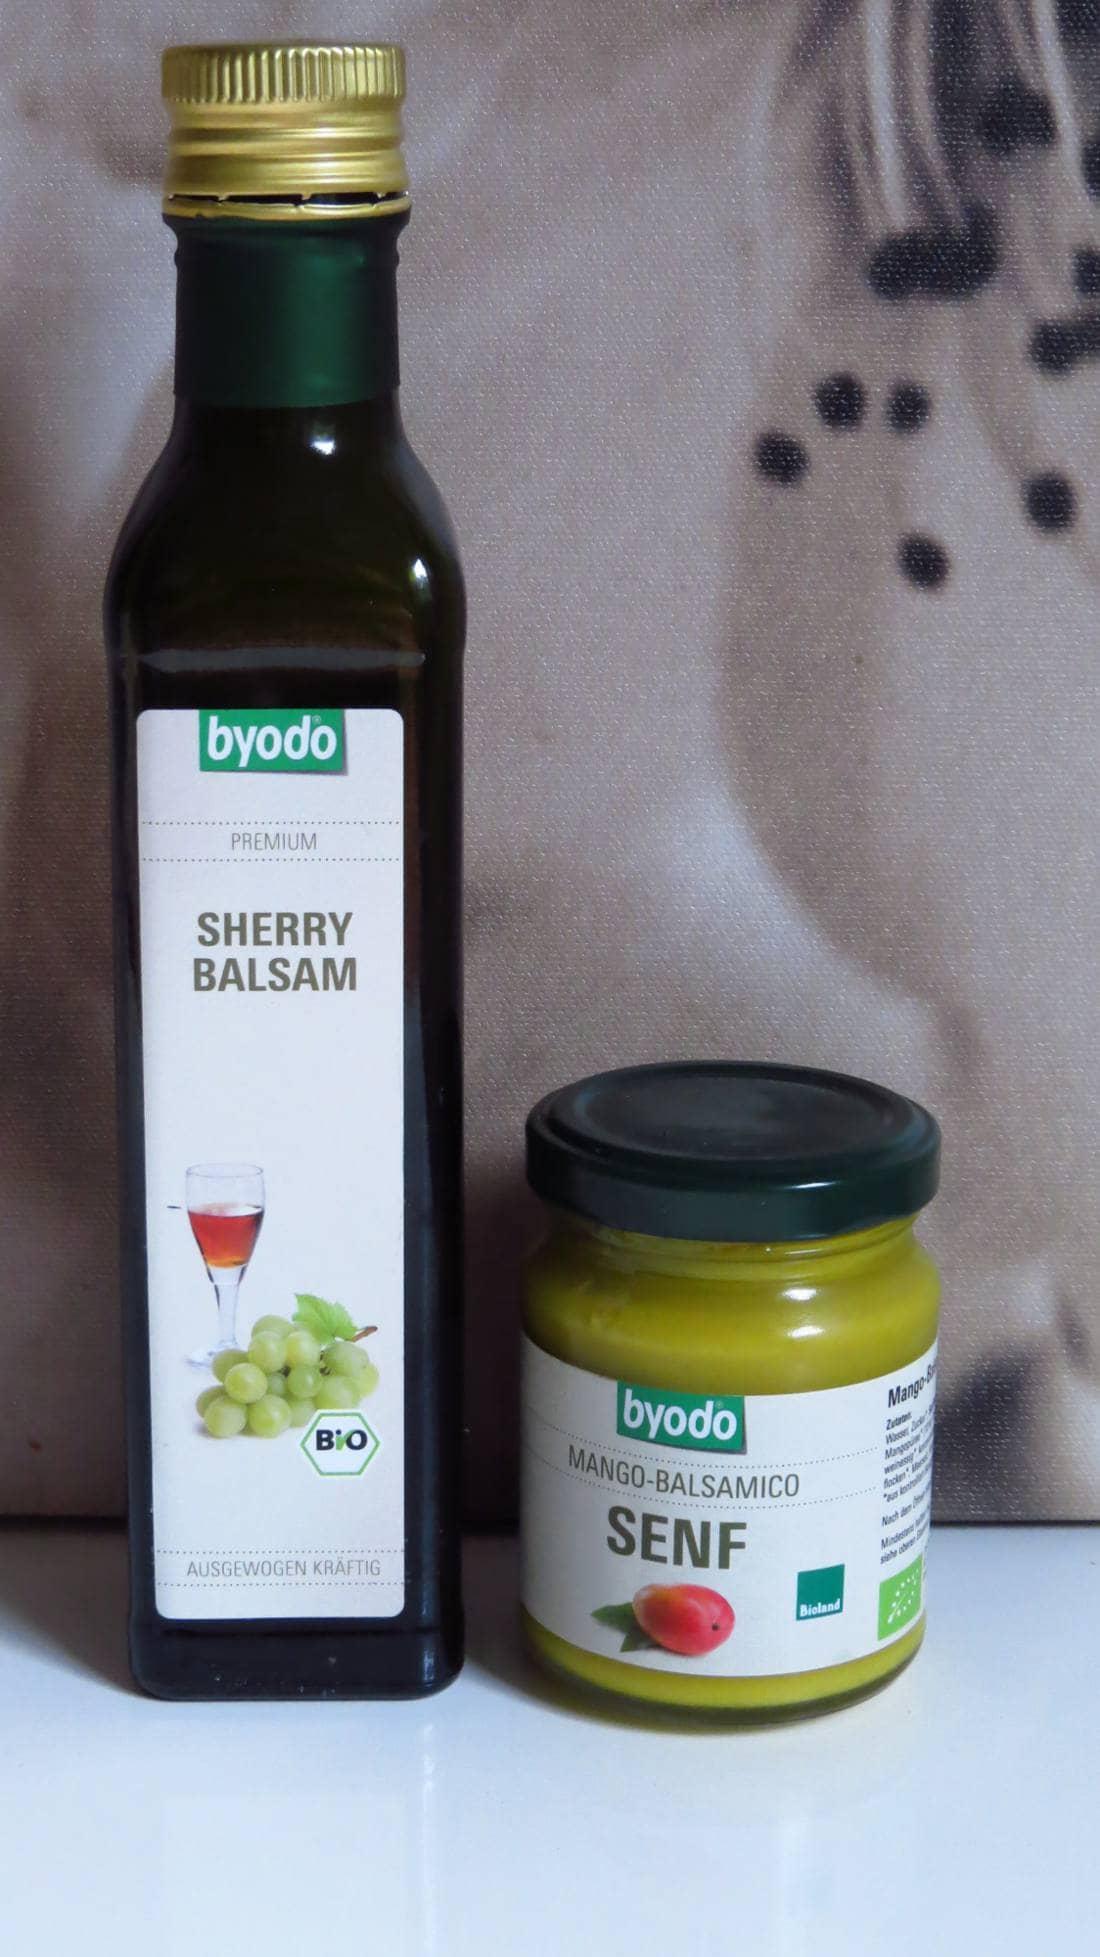 byodo Sherry Balsam und Mango-Balsamico Senf